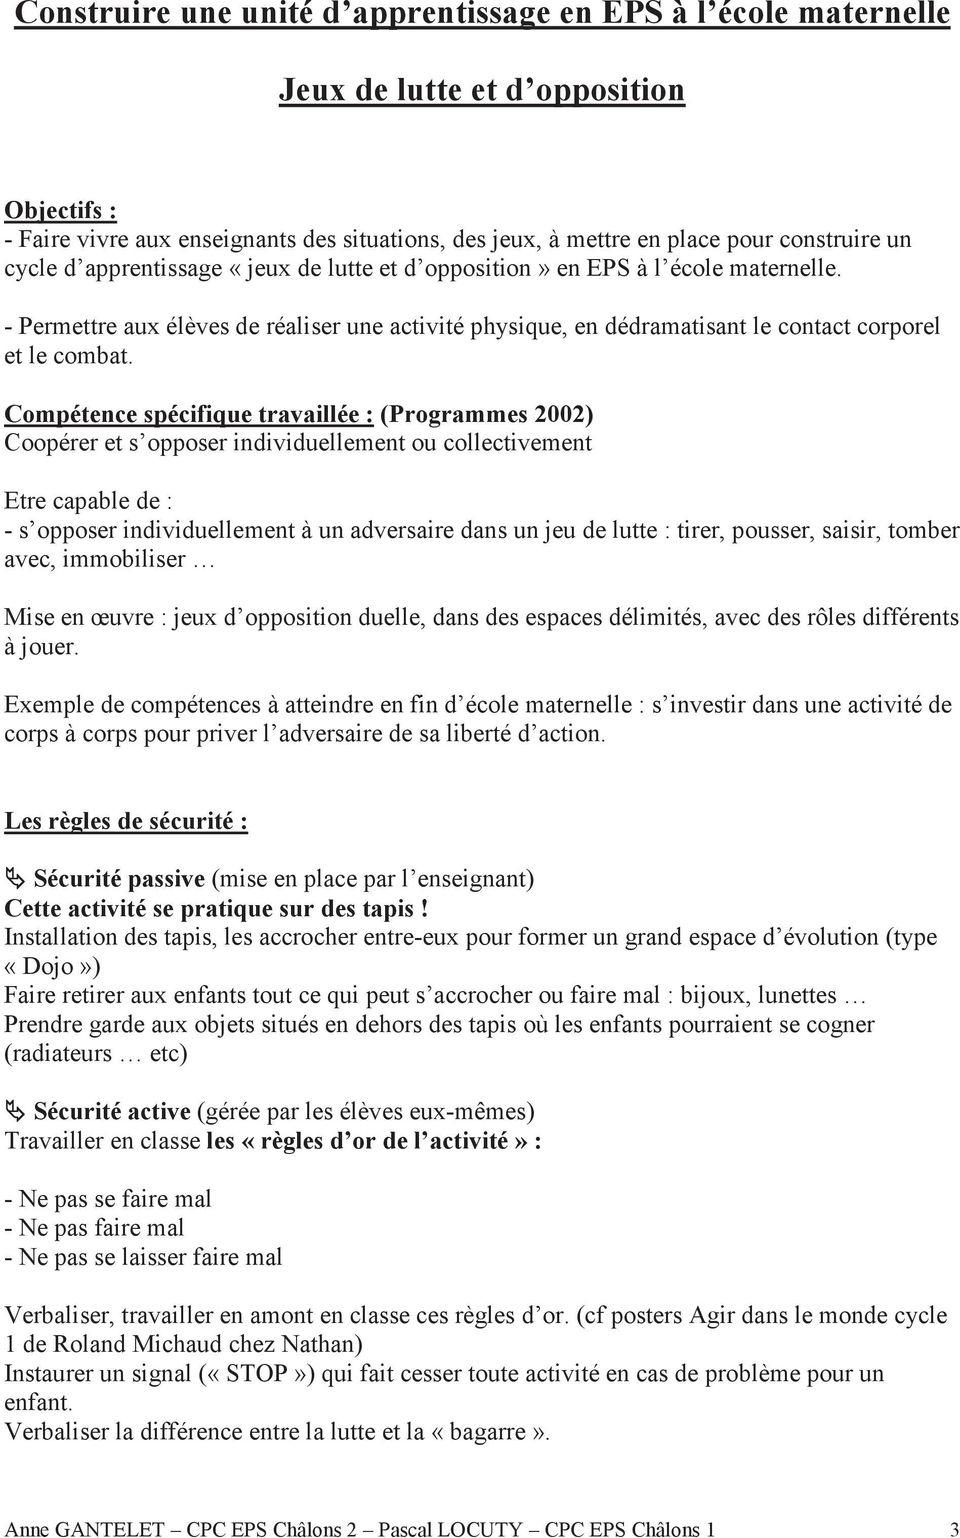 Jeux De Lutte Et D Opposition A L Ecole Maternelle - Pdf serapportantà Jeux D Apprentissage Maternelle